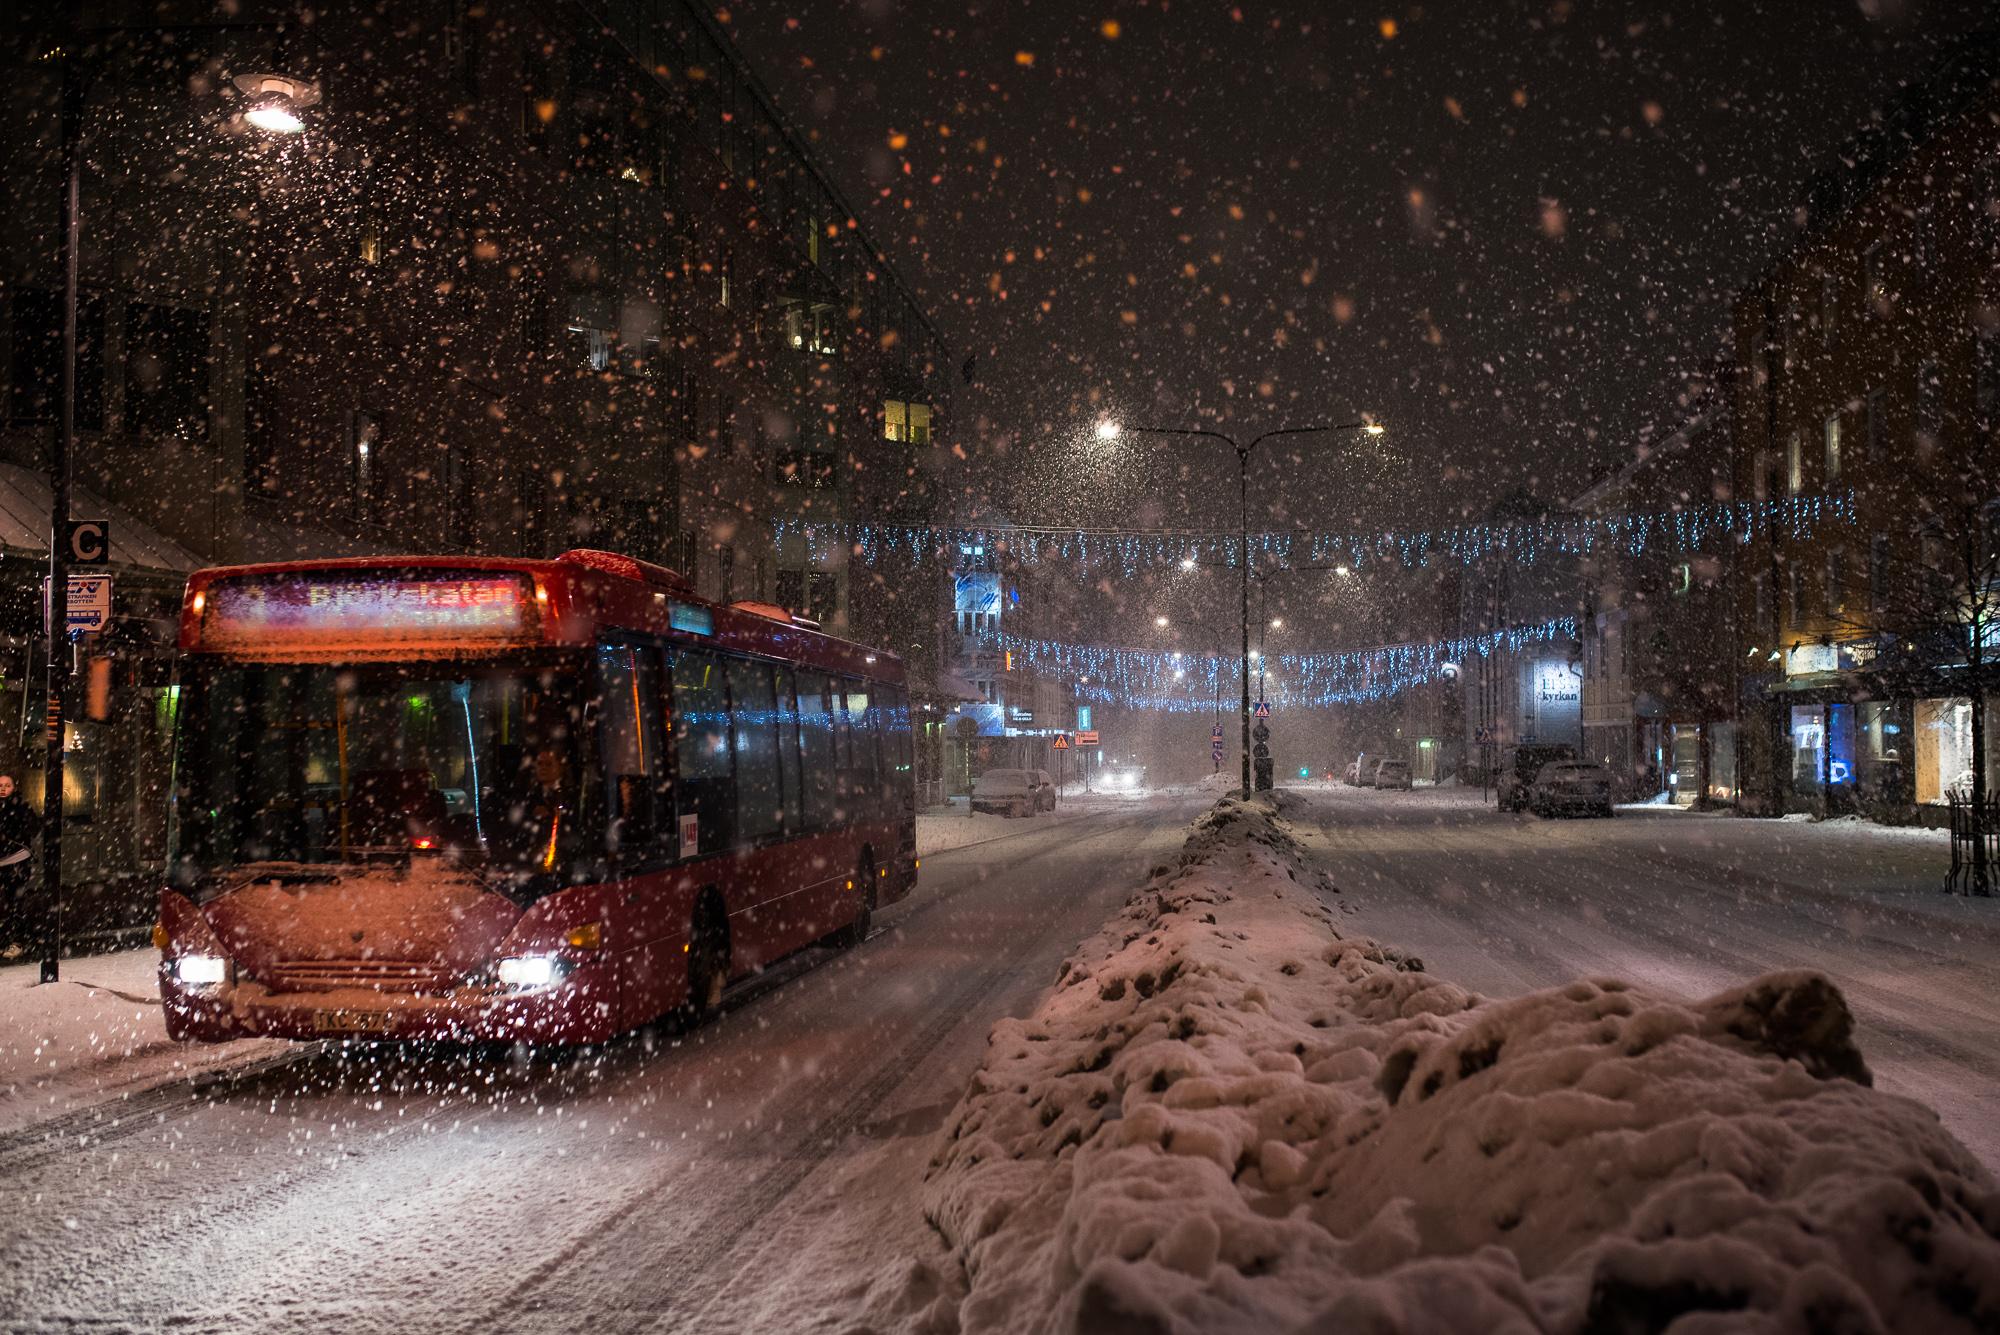 Nästintill ilsket snöfall i luleå